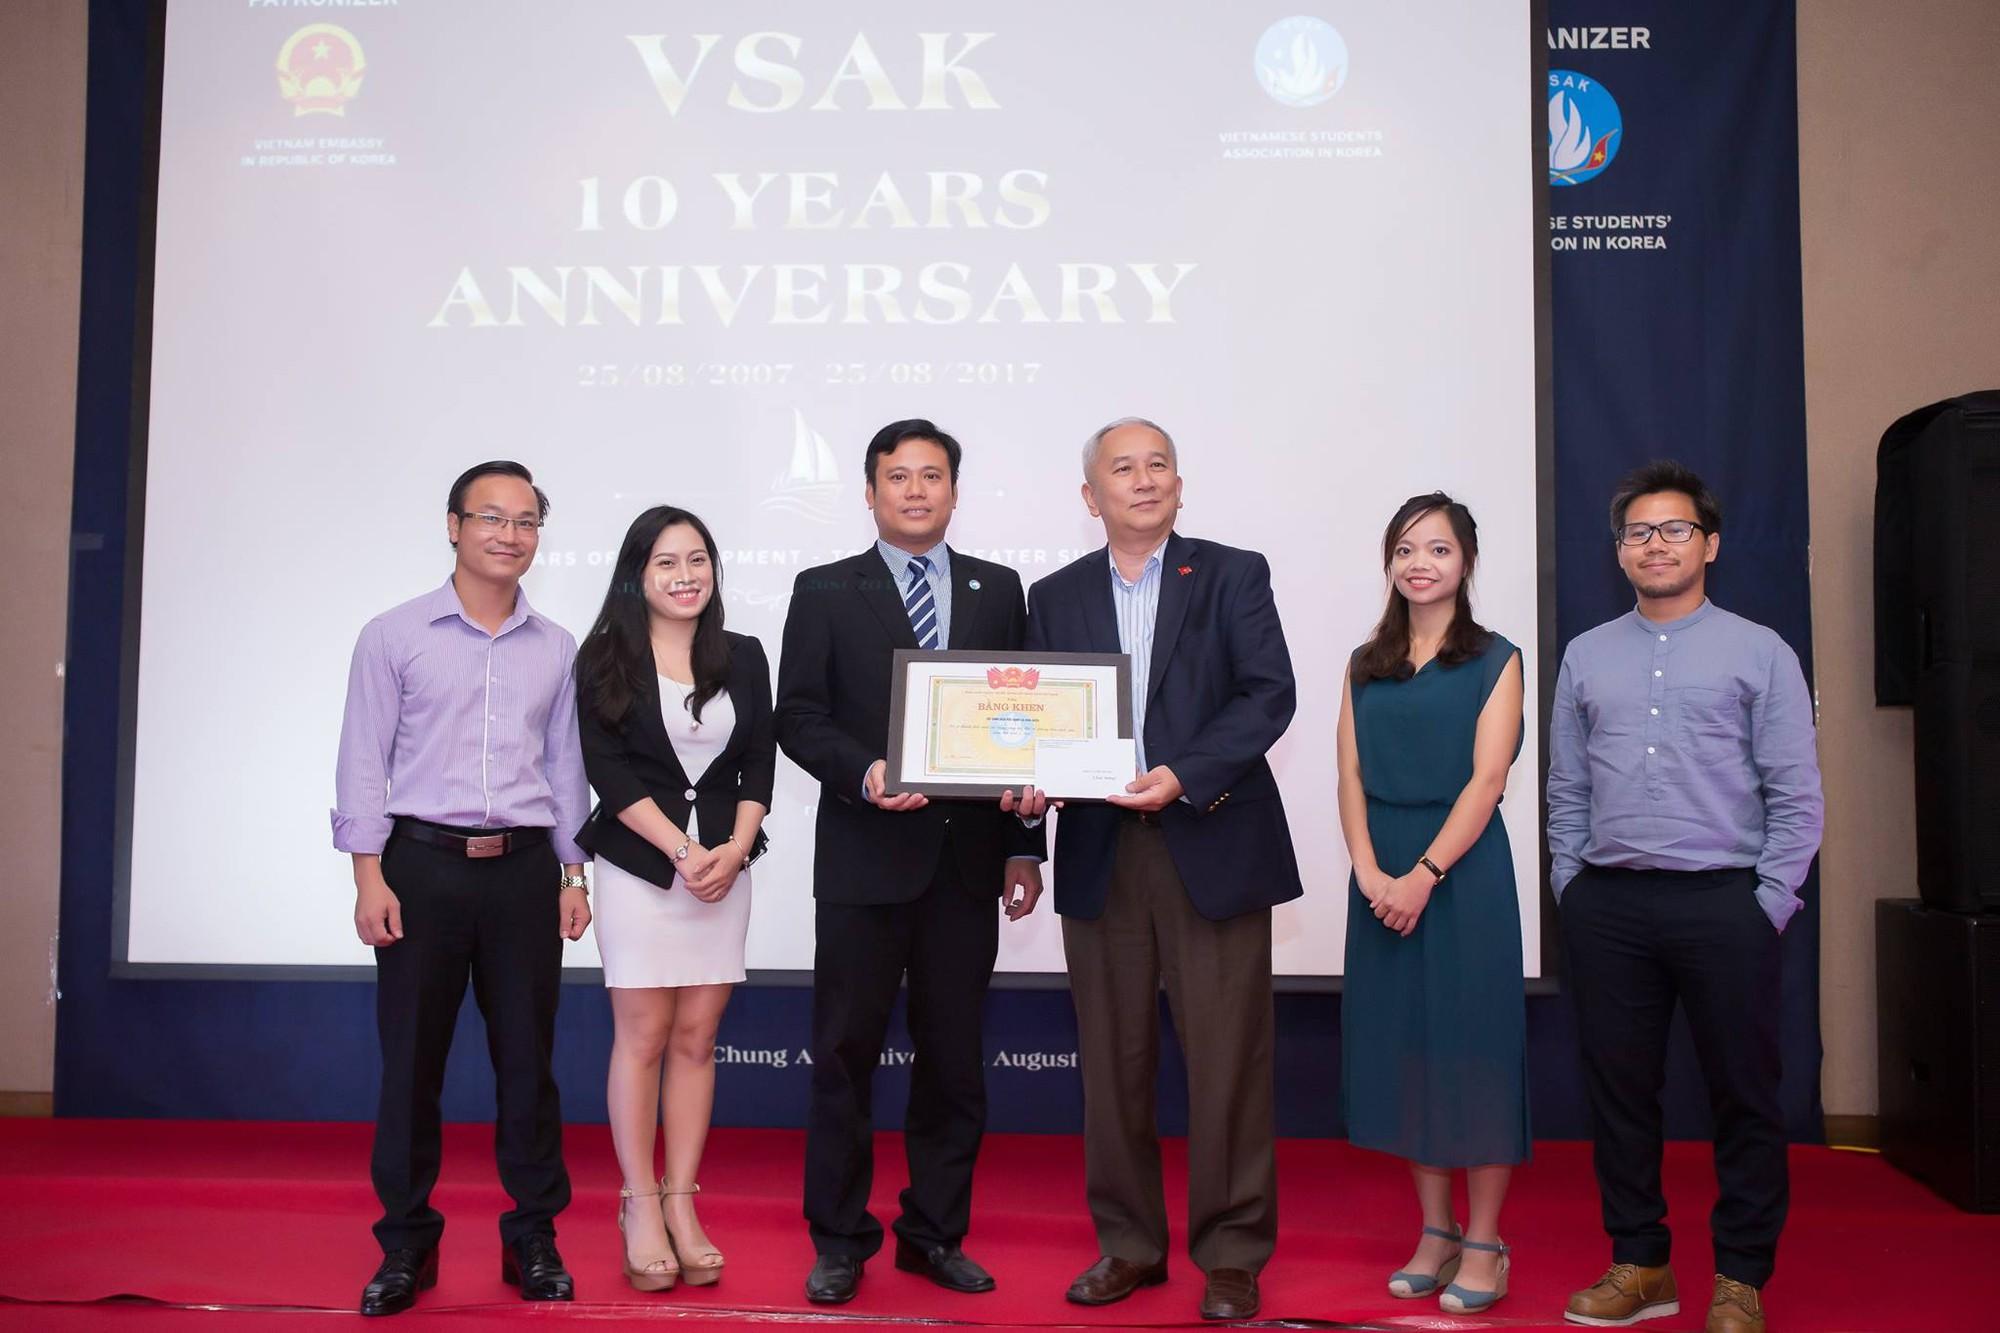 Nhìn lại một năm cực chất của Du học sinh Việt tại Hàn Quốc - Ảnh 11.